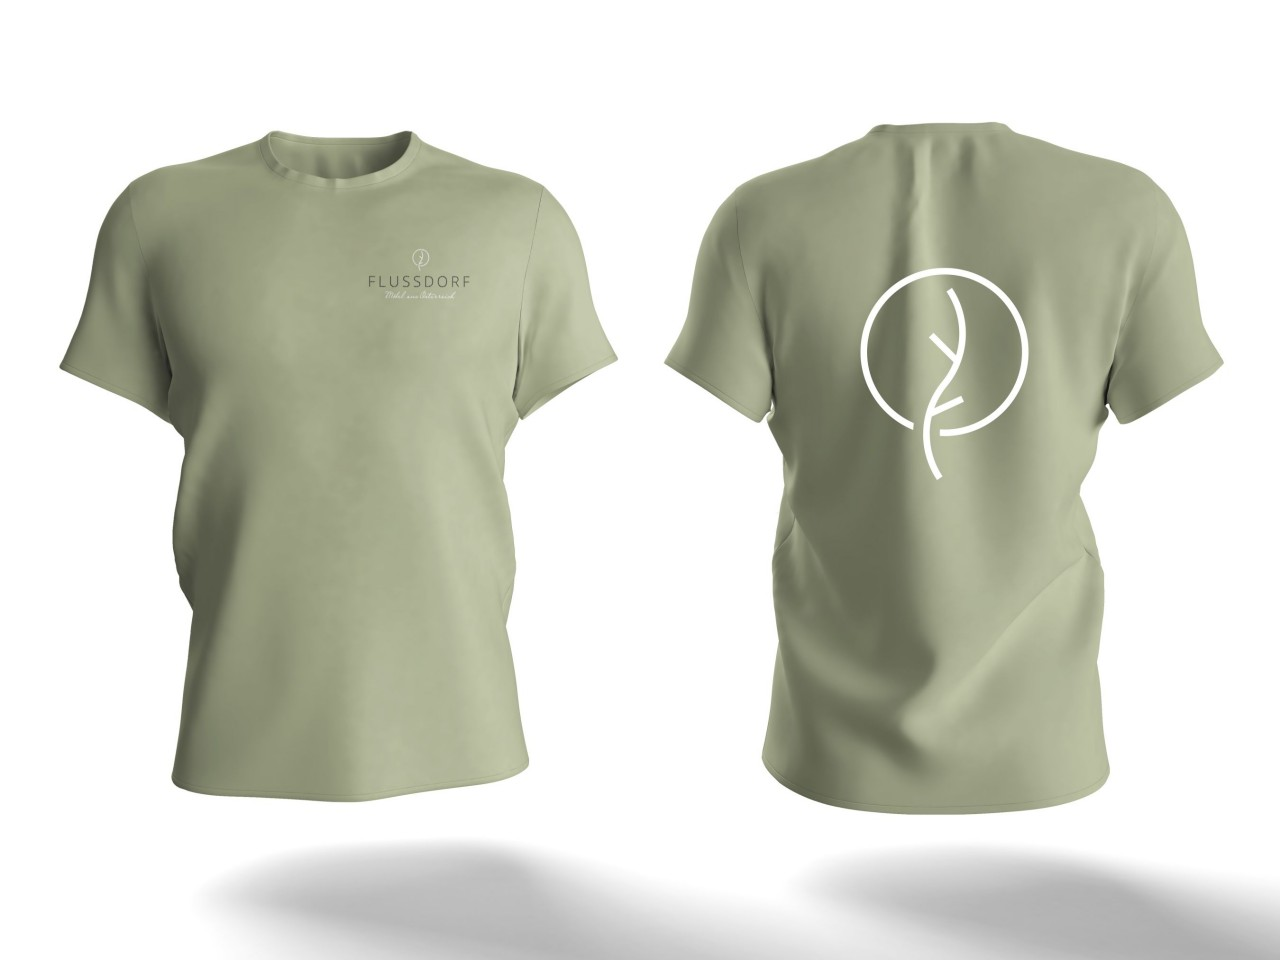 flussdorf_shirt-01.jpg